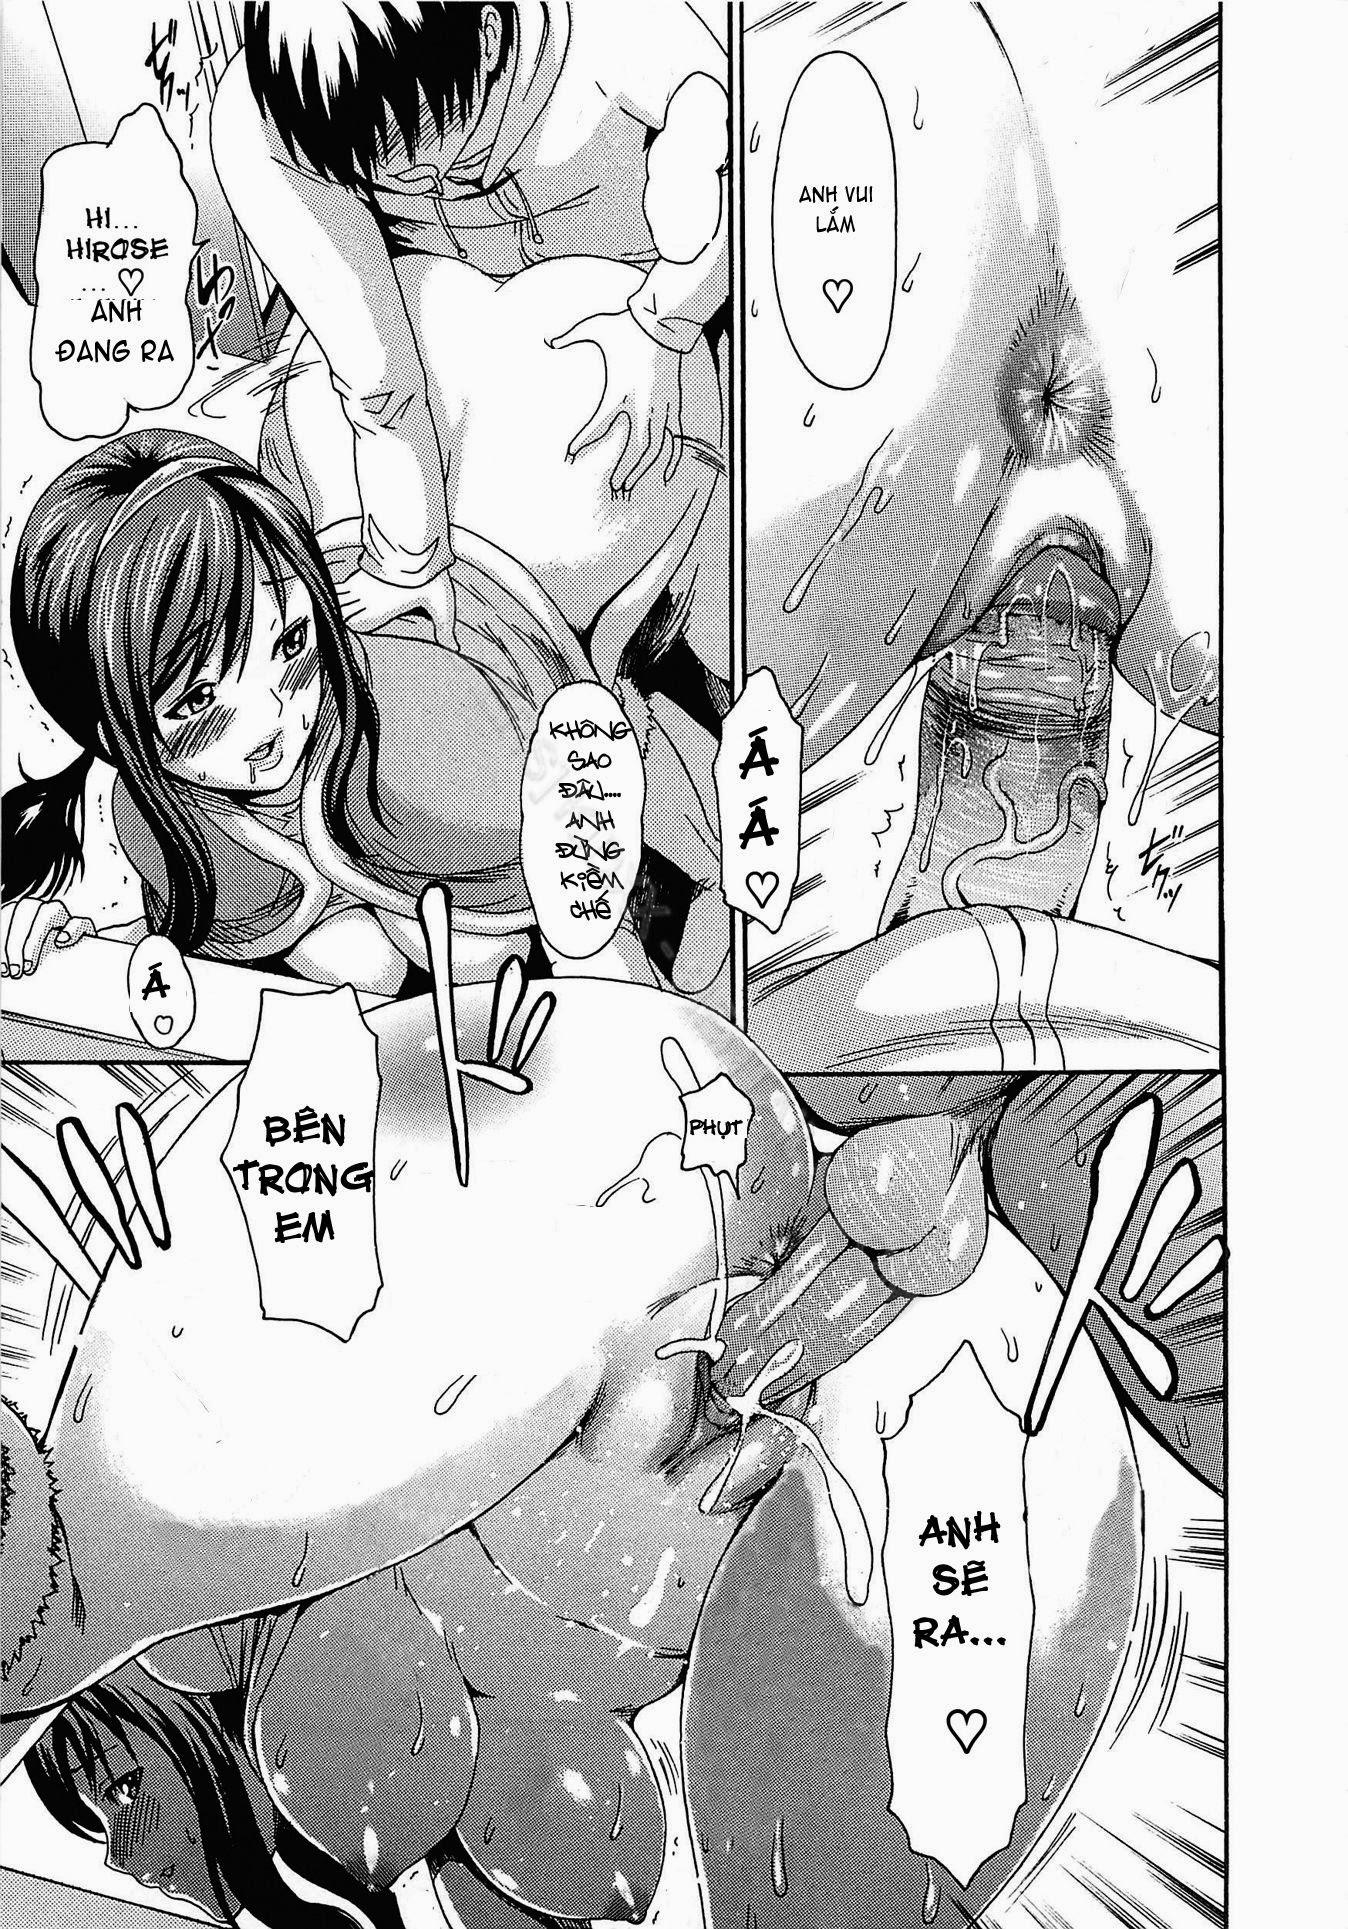 Hình ảnh Hinh_008 in Loạn Luân Phá trinh em gái ngực khủng